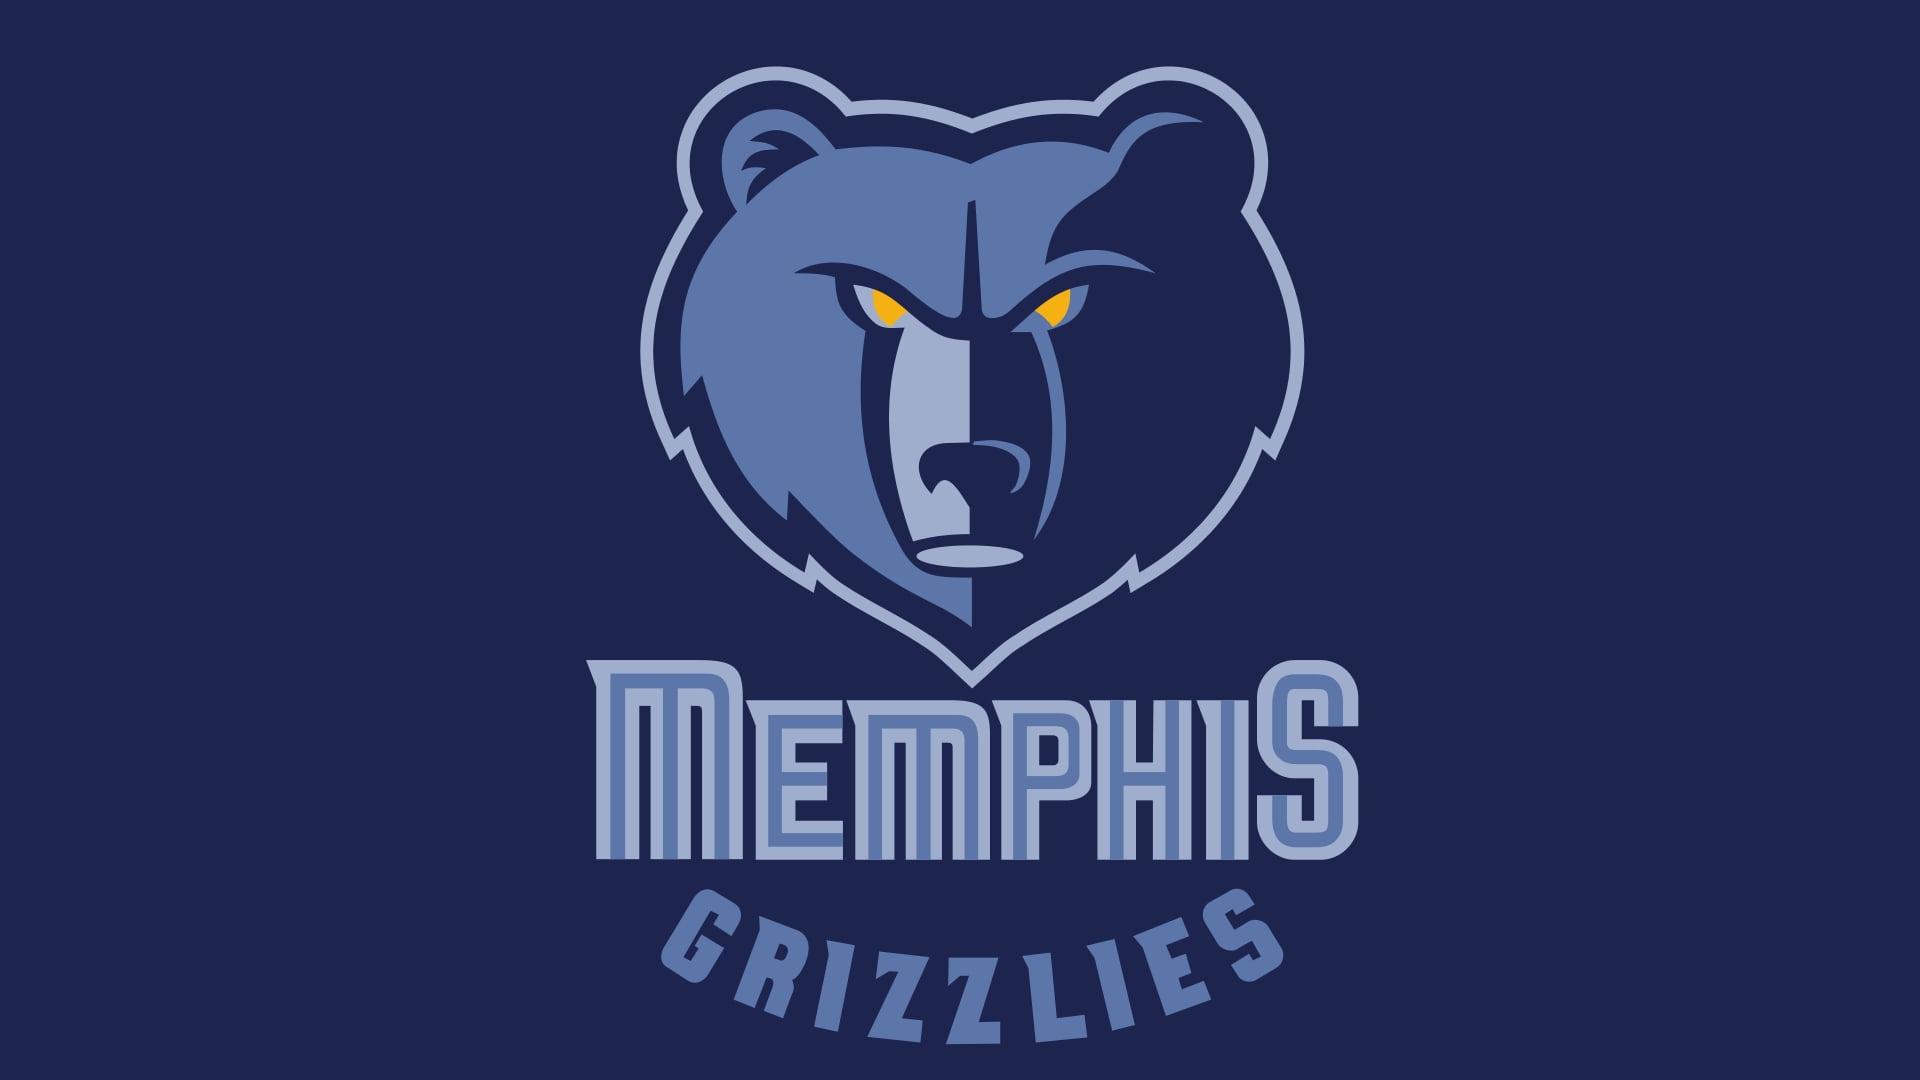 Il logo dei Grizzlies